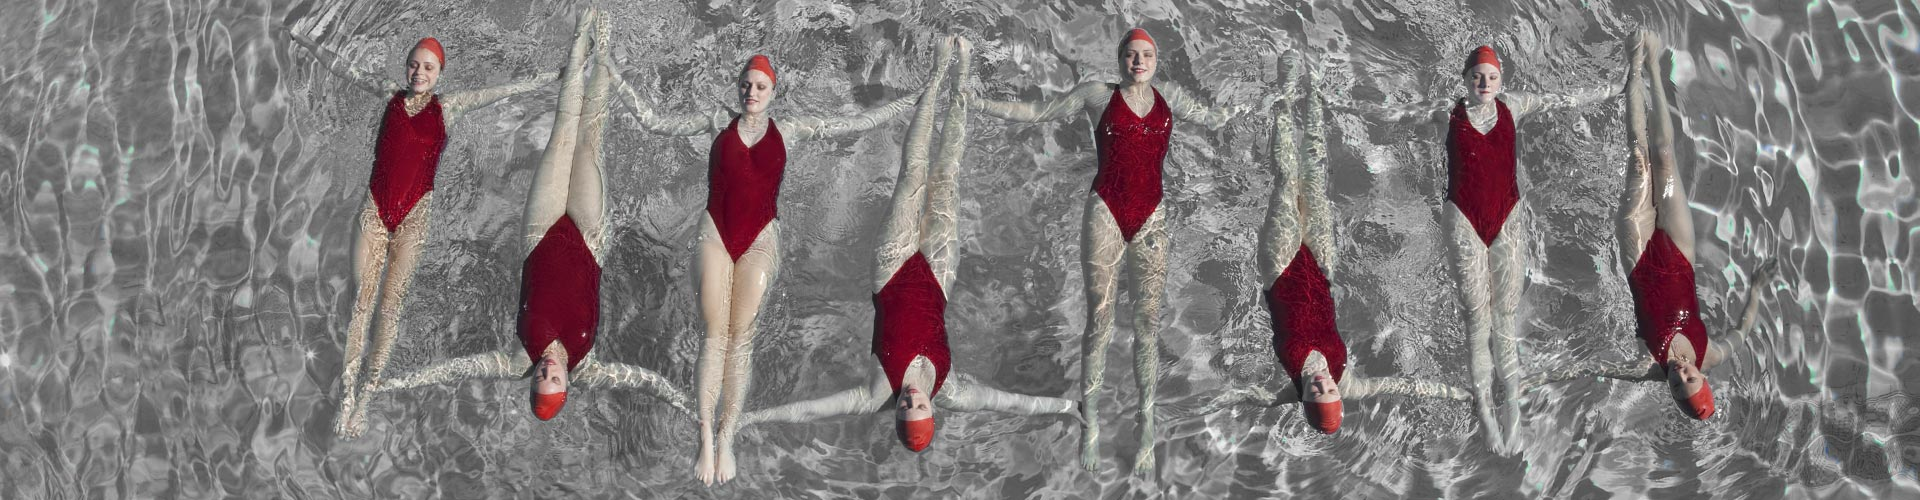 lanolska_schwimmen_voll